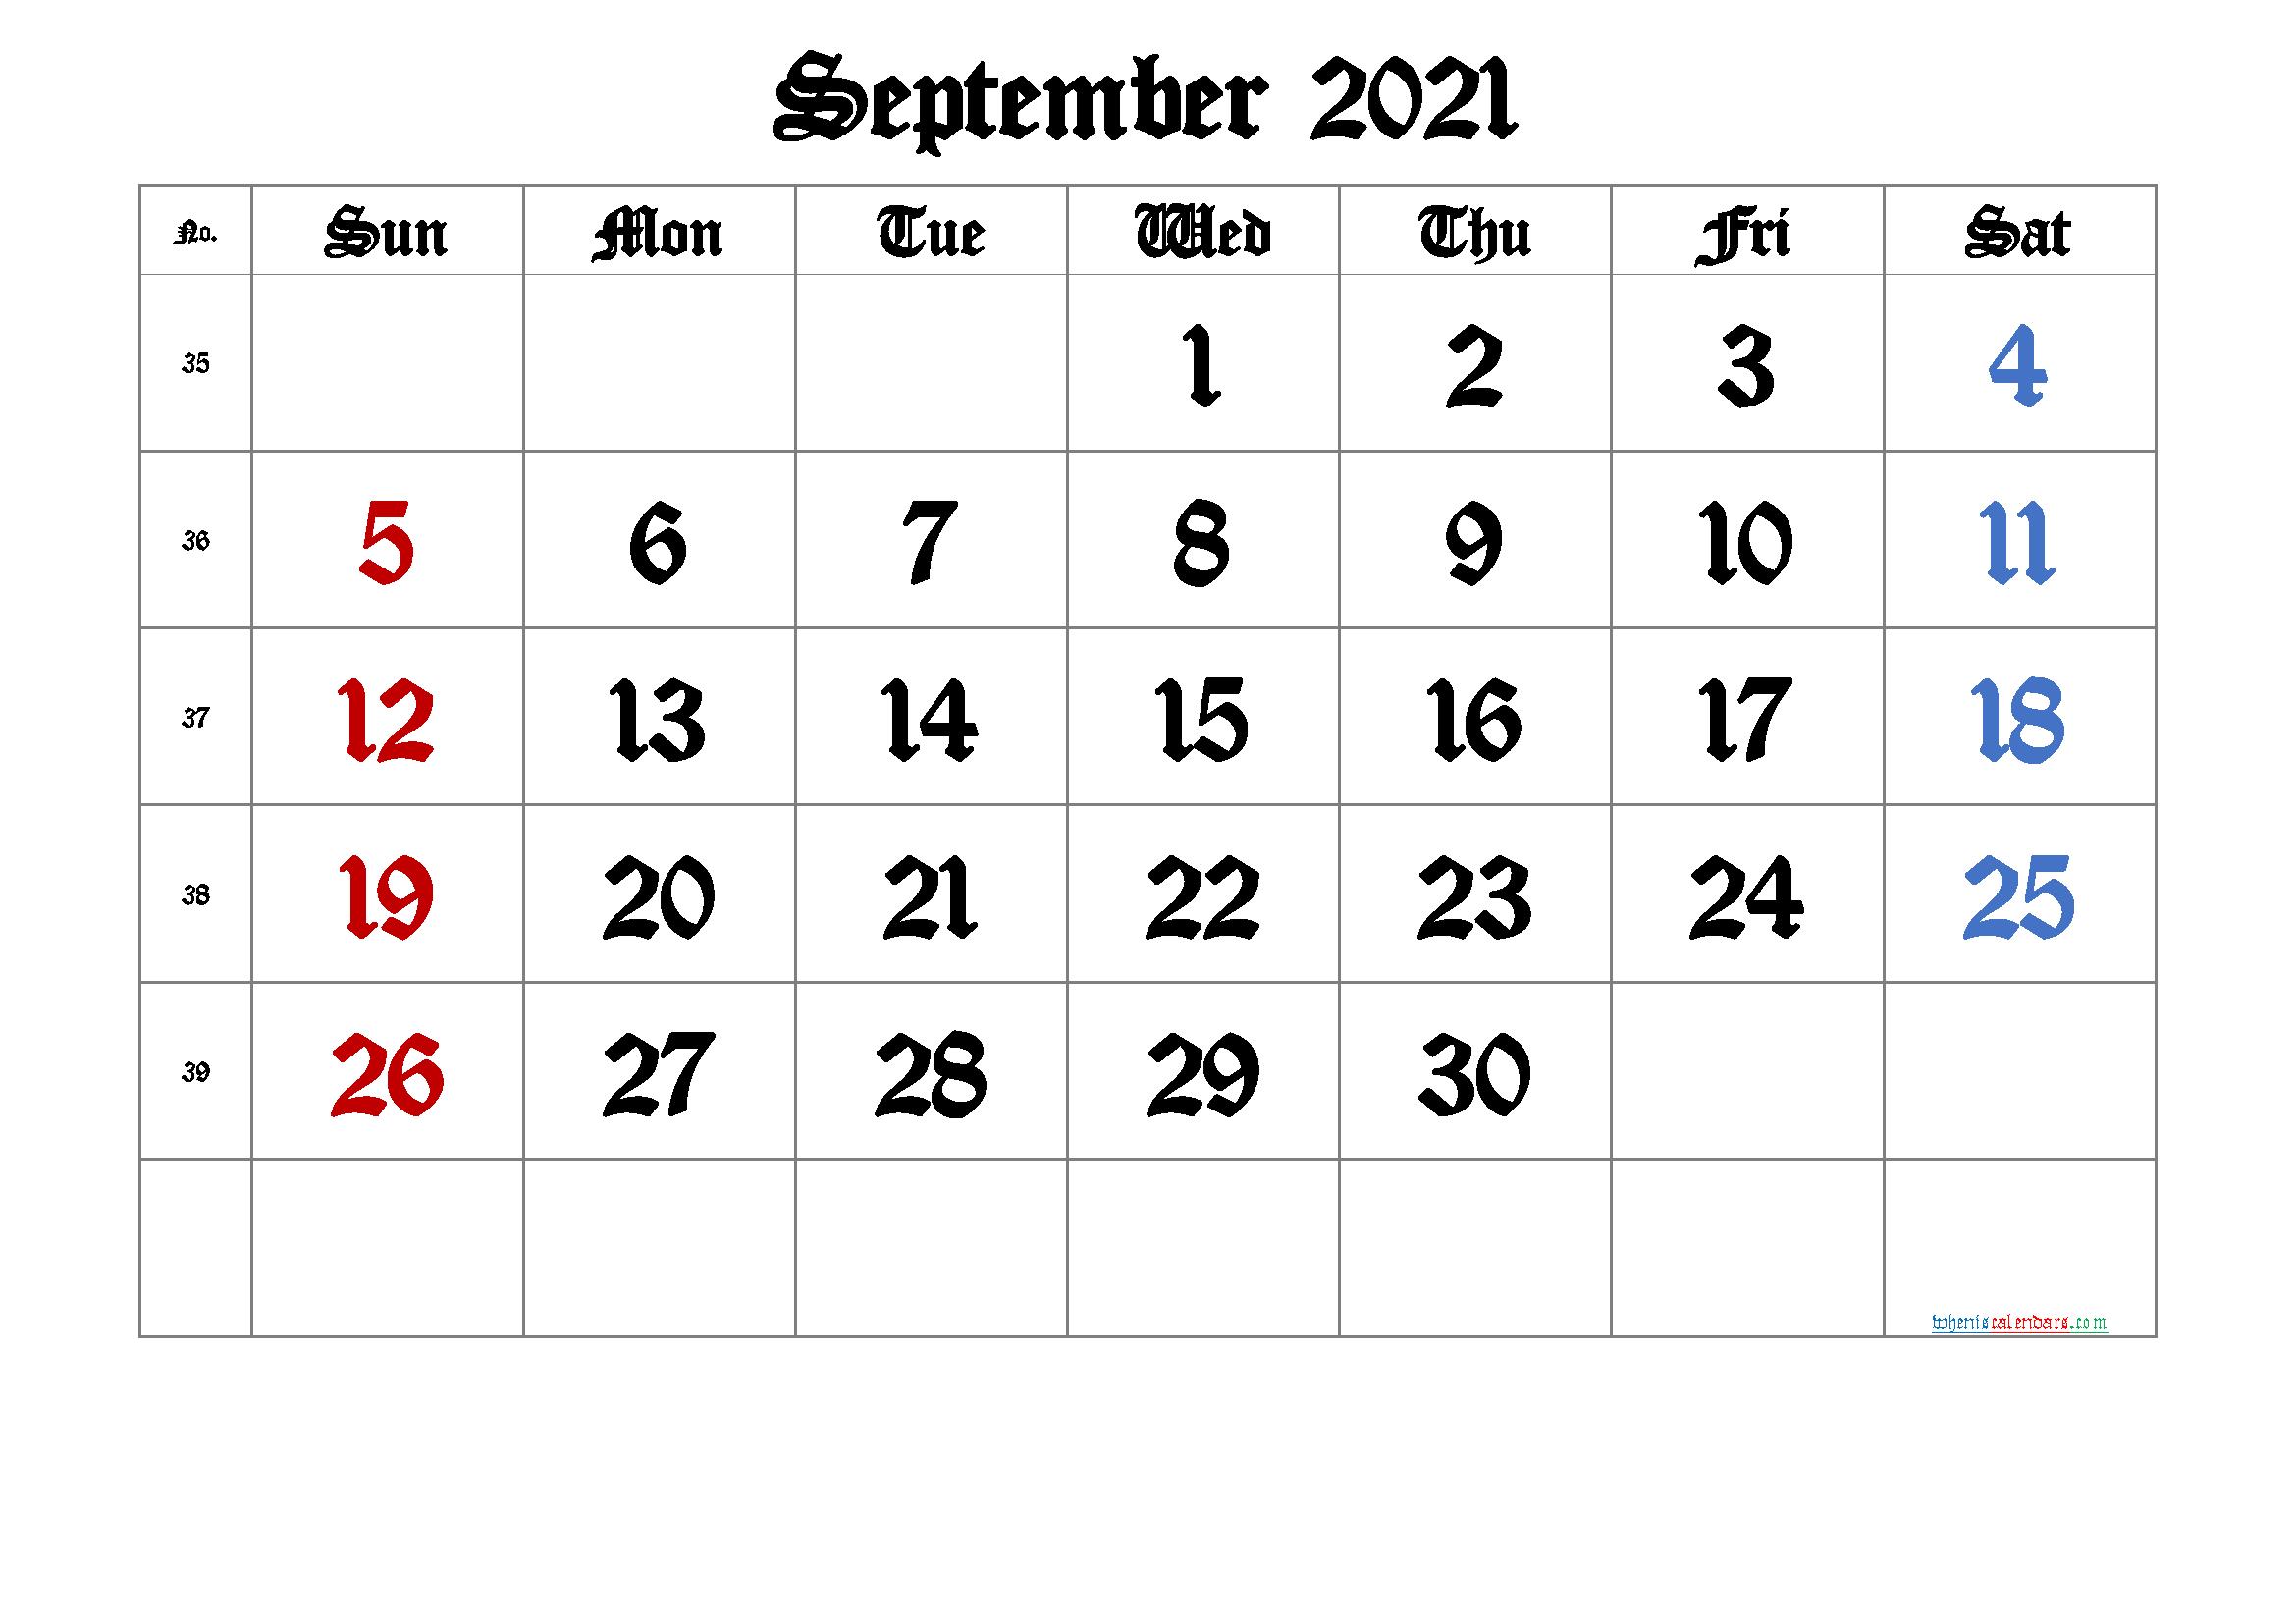 September 2021 Printable Calendar with Week Numbers